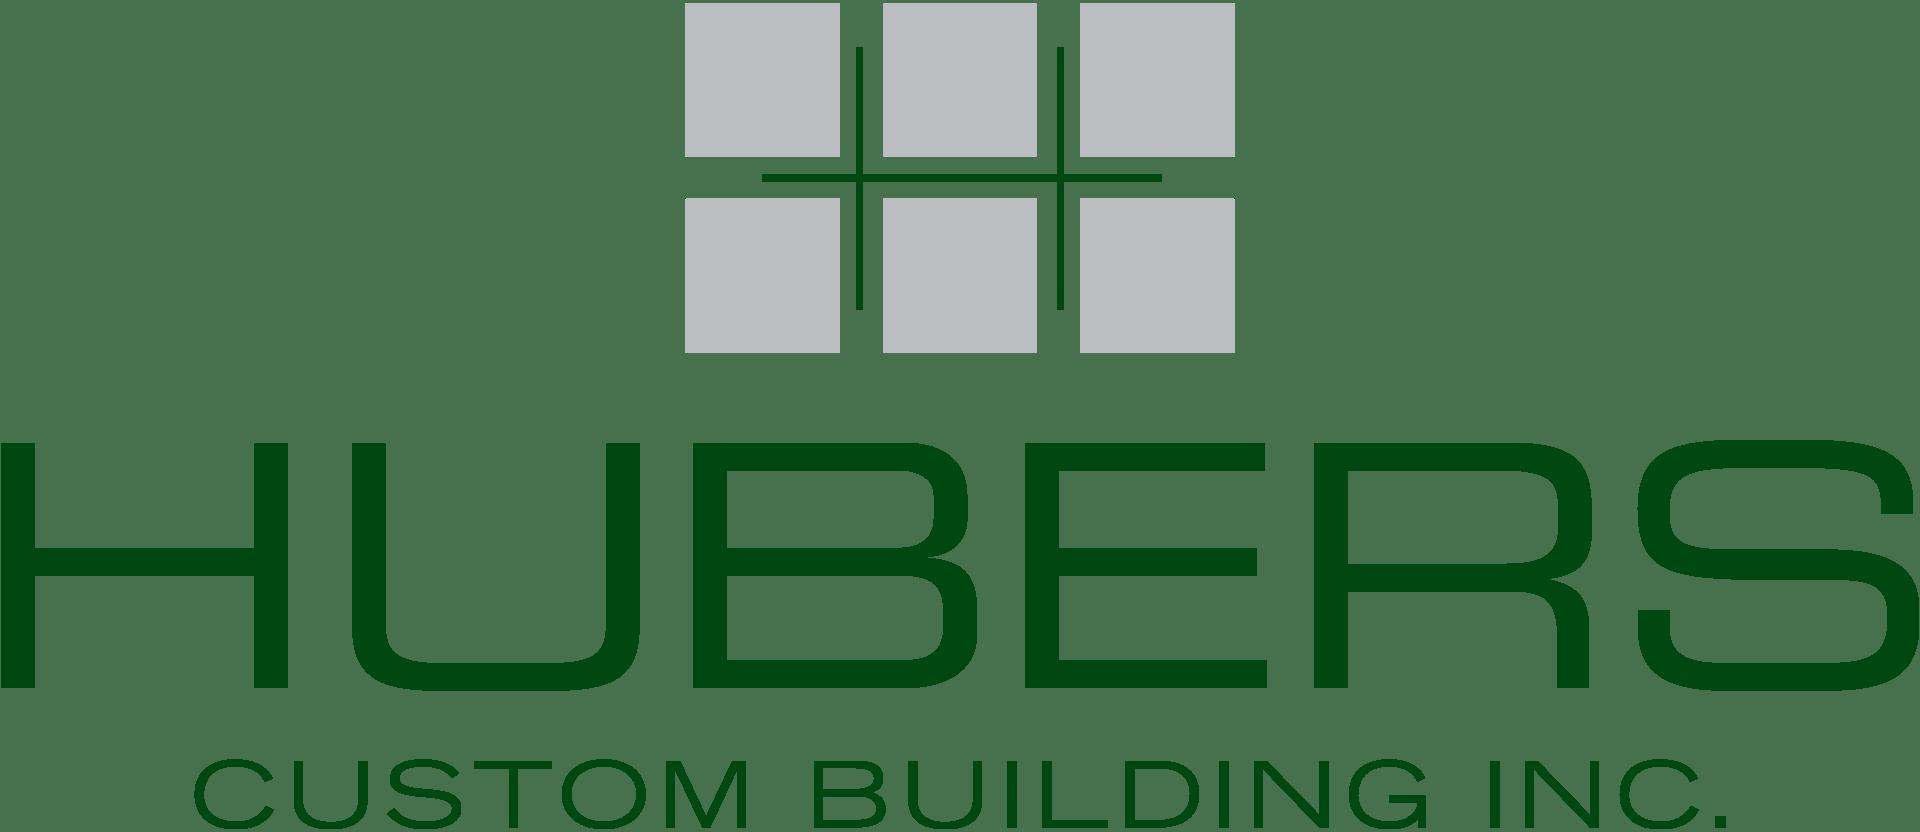 Huber's Custom Building |